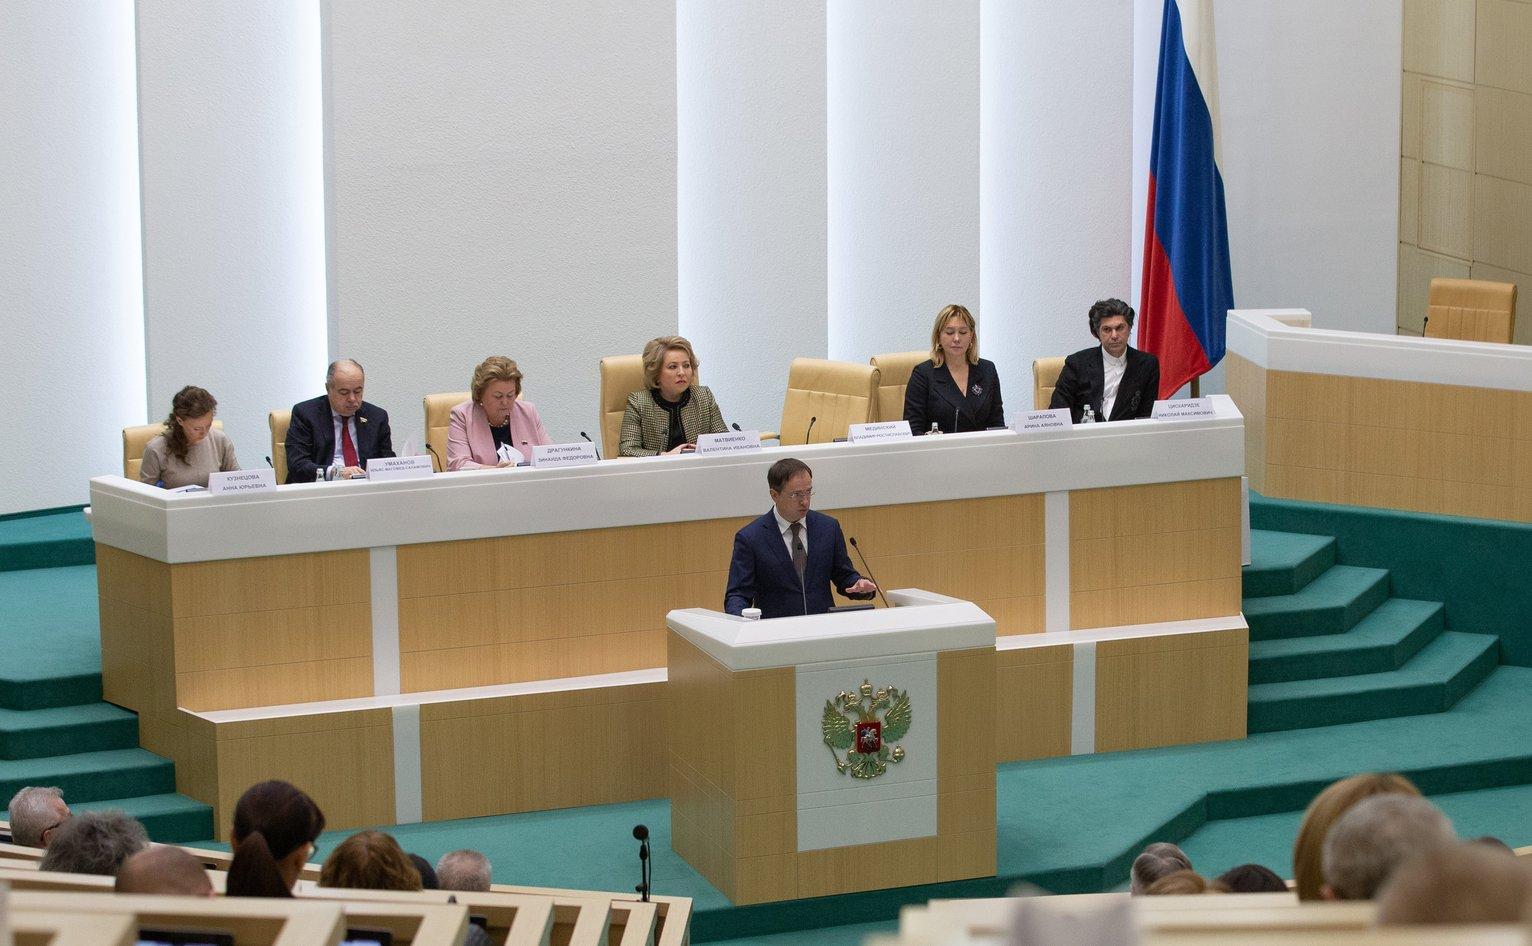 Встреча руководителей детских театров в Совете Федерации